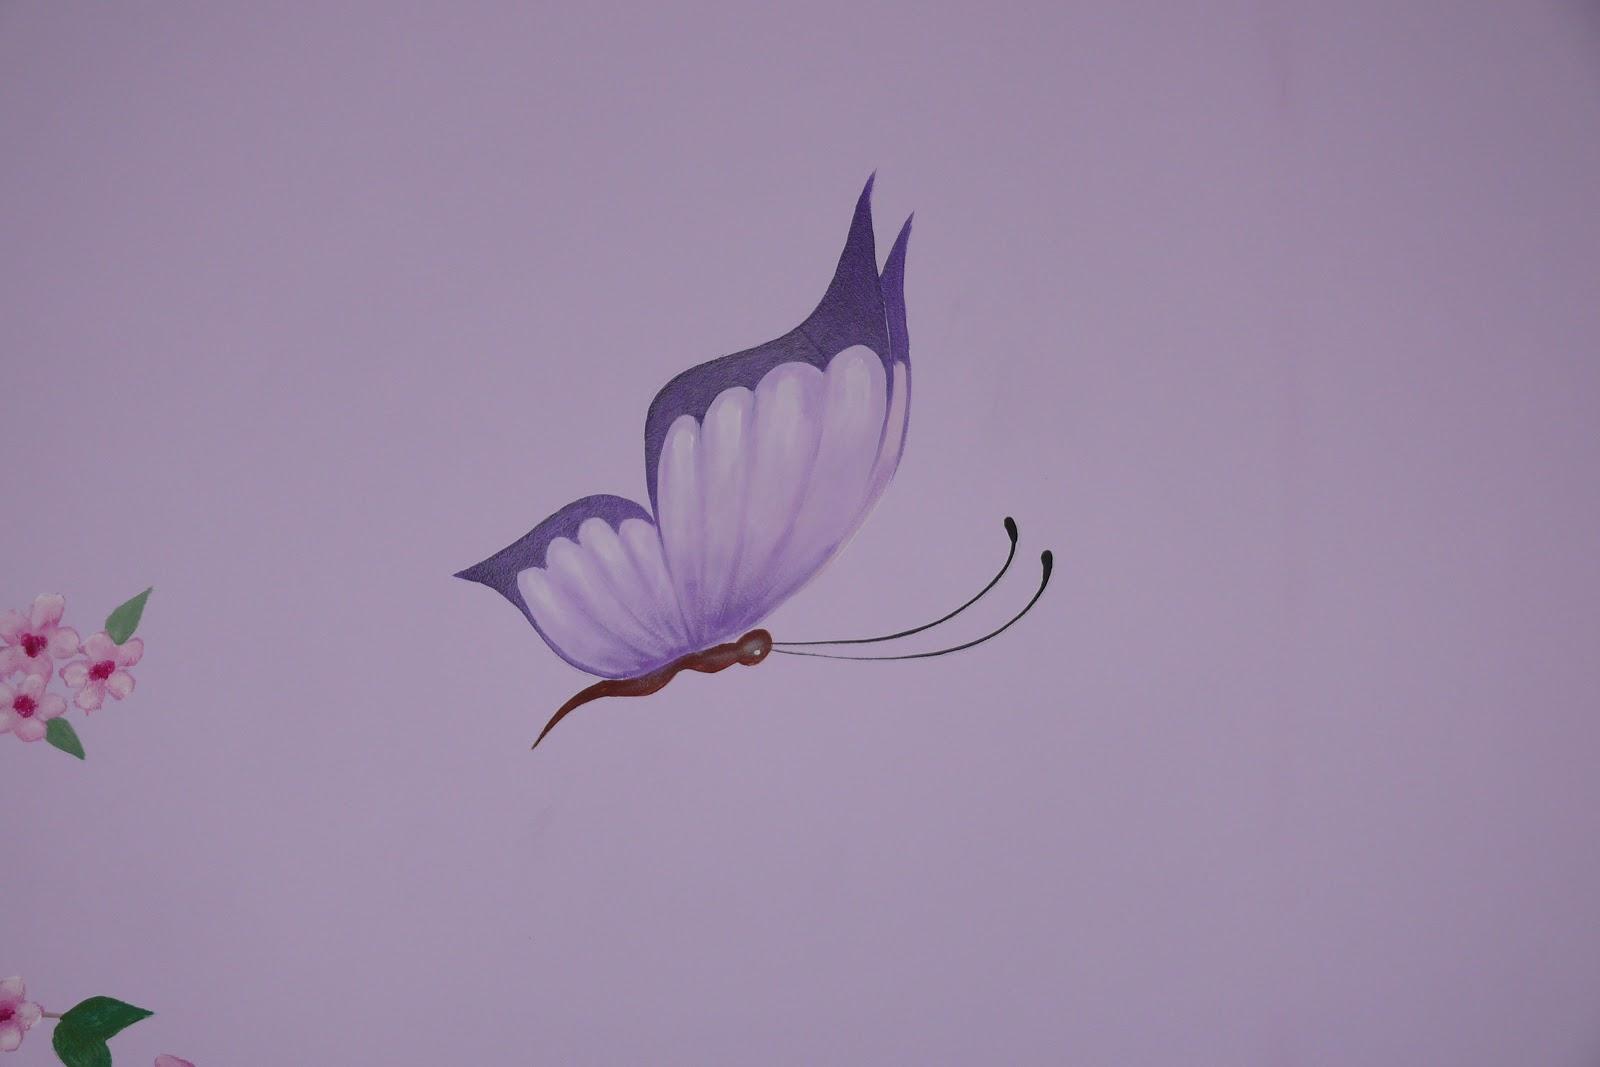 Malowanie motyli na ścianie w pokoju dziewczynki, malowany motyl na ścianie